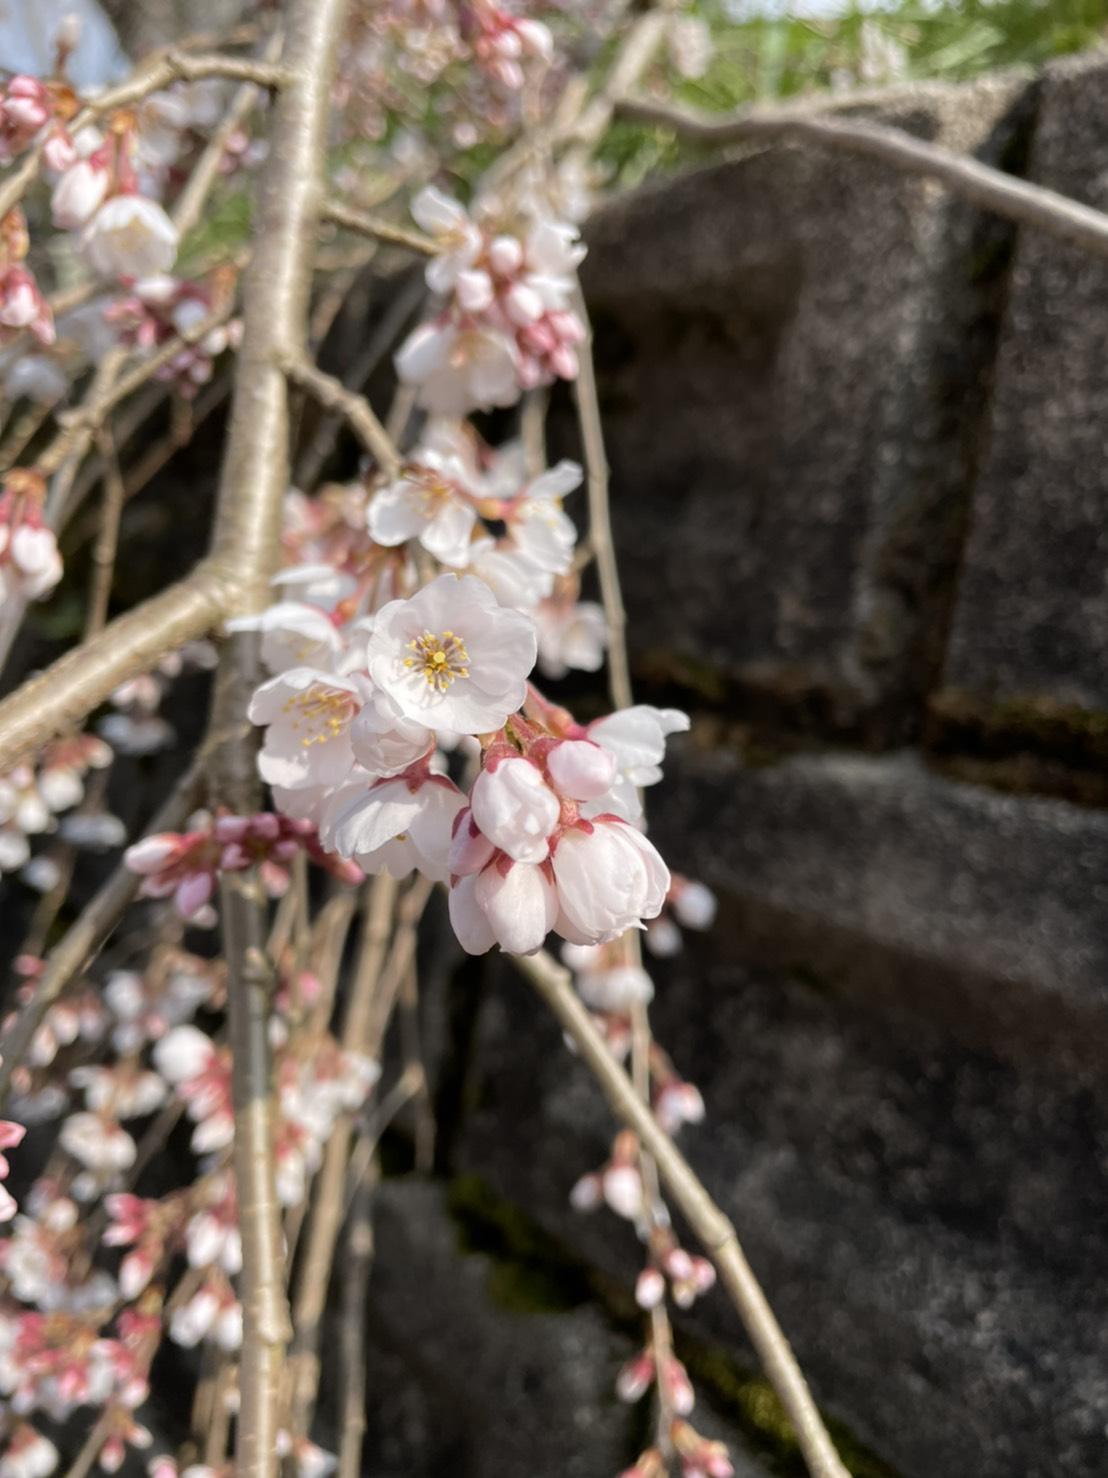 段部のしだれ桜が開花しました!(2021.3.15)